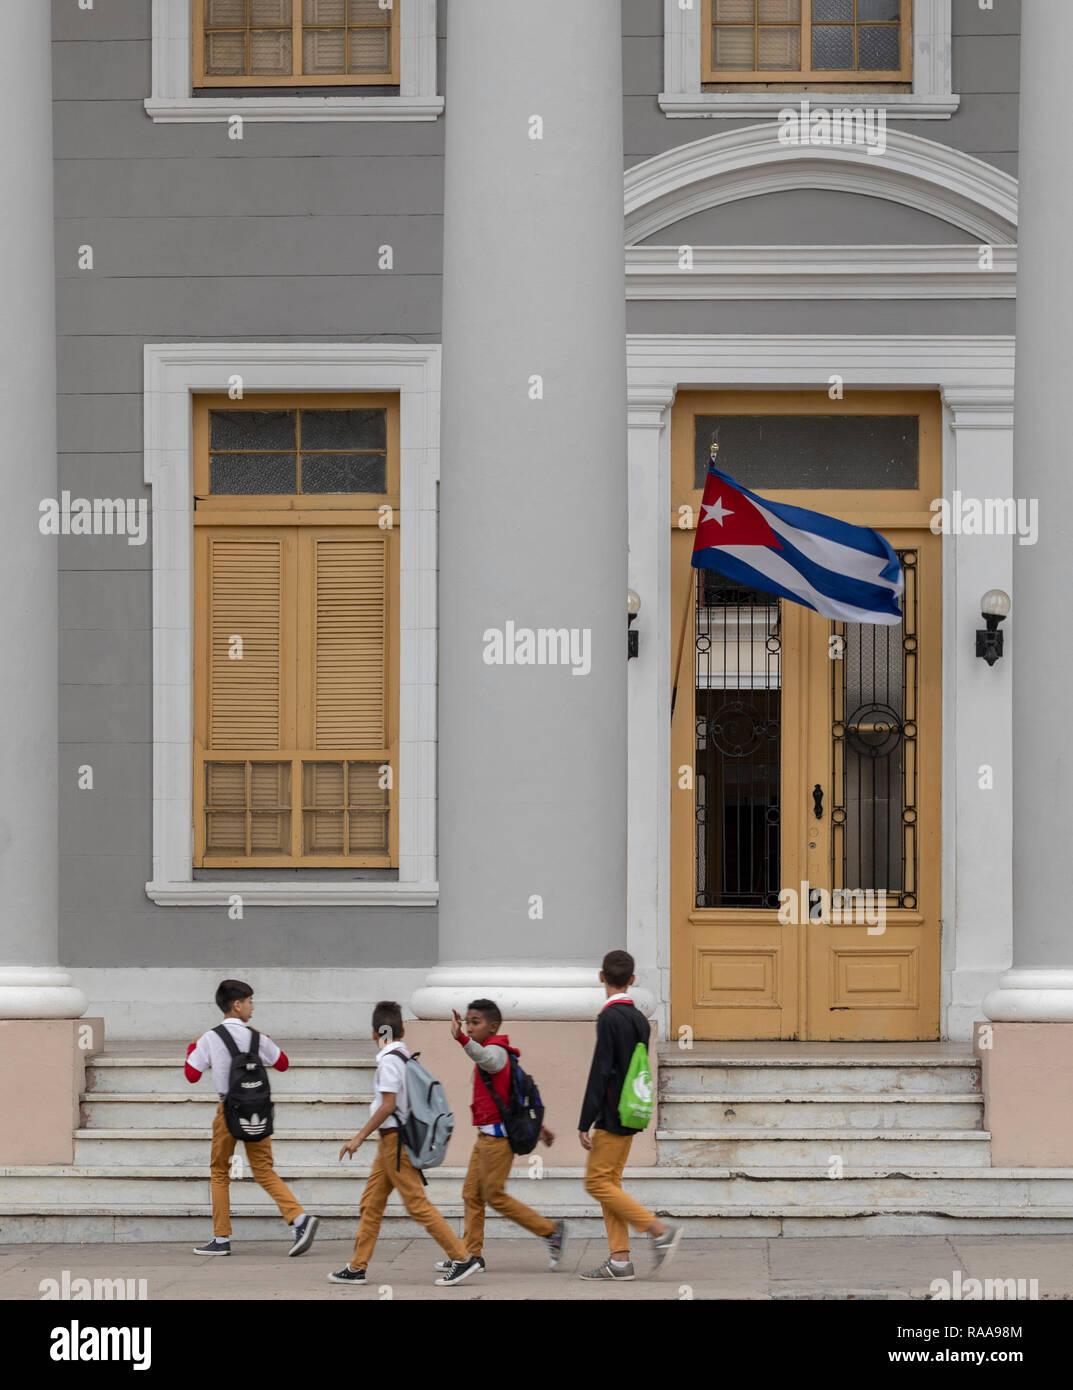 Schoolboys walking in front of Collegio San Lorenzo, Plaza Jose Marti, Cienfuegos, Cuba - Stock Image